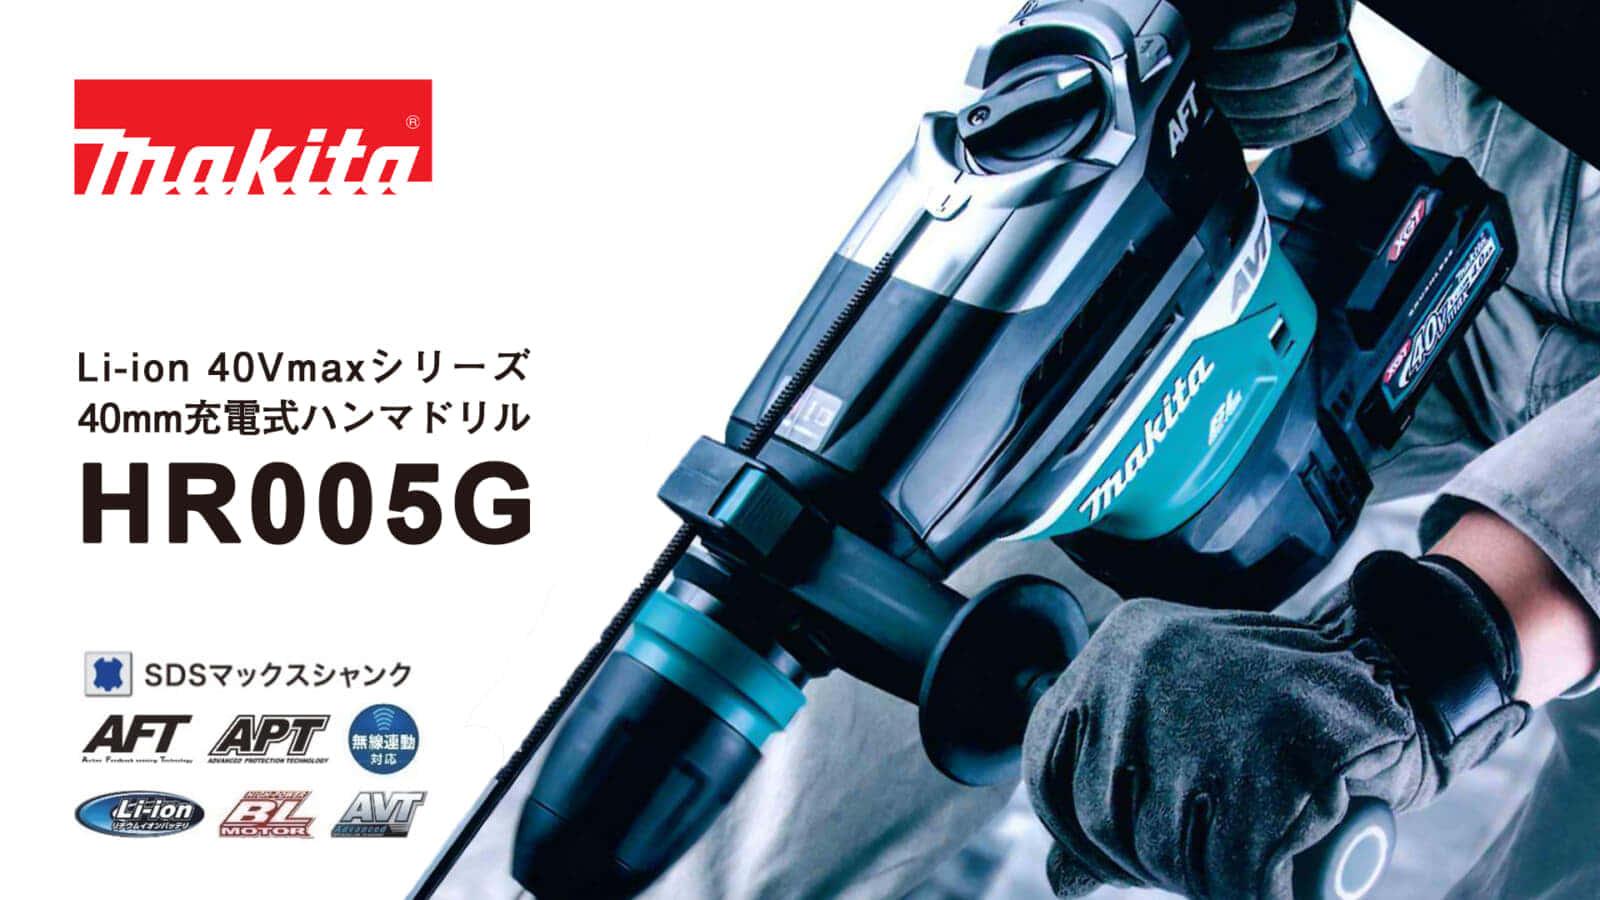 マキタ HR005G 充電式ハンマドリルを発売、AC工具に匹敵する40mm